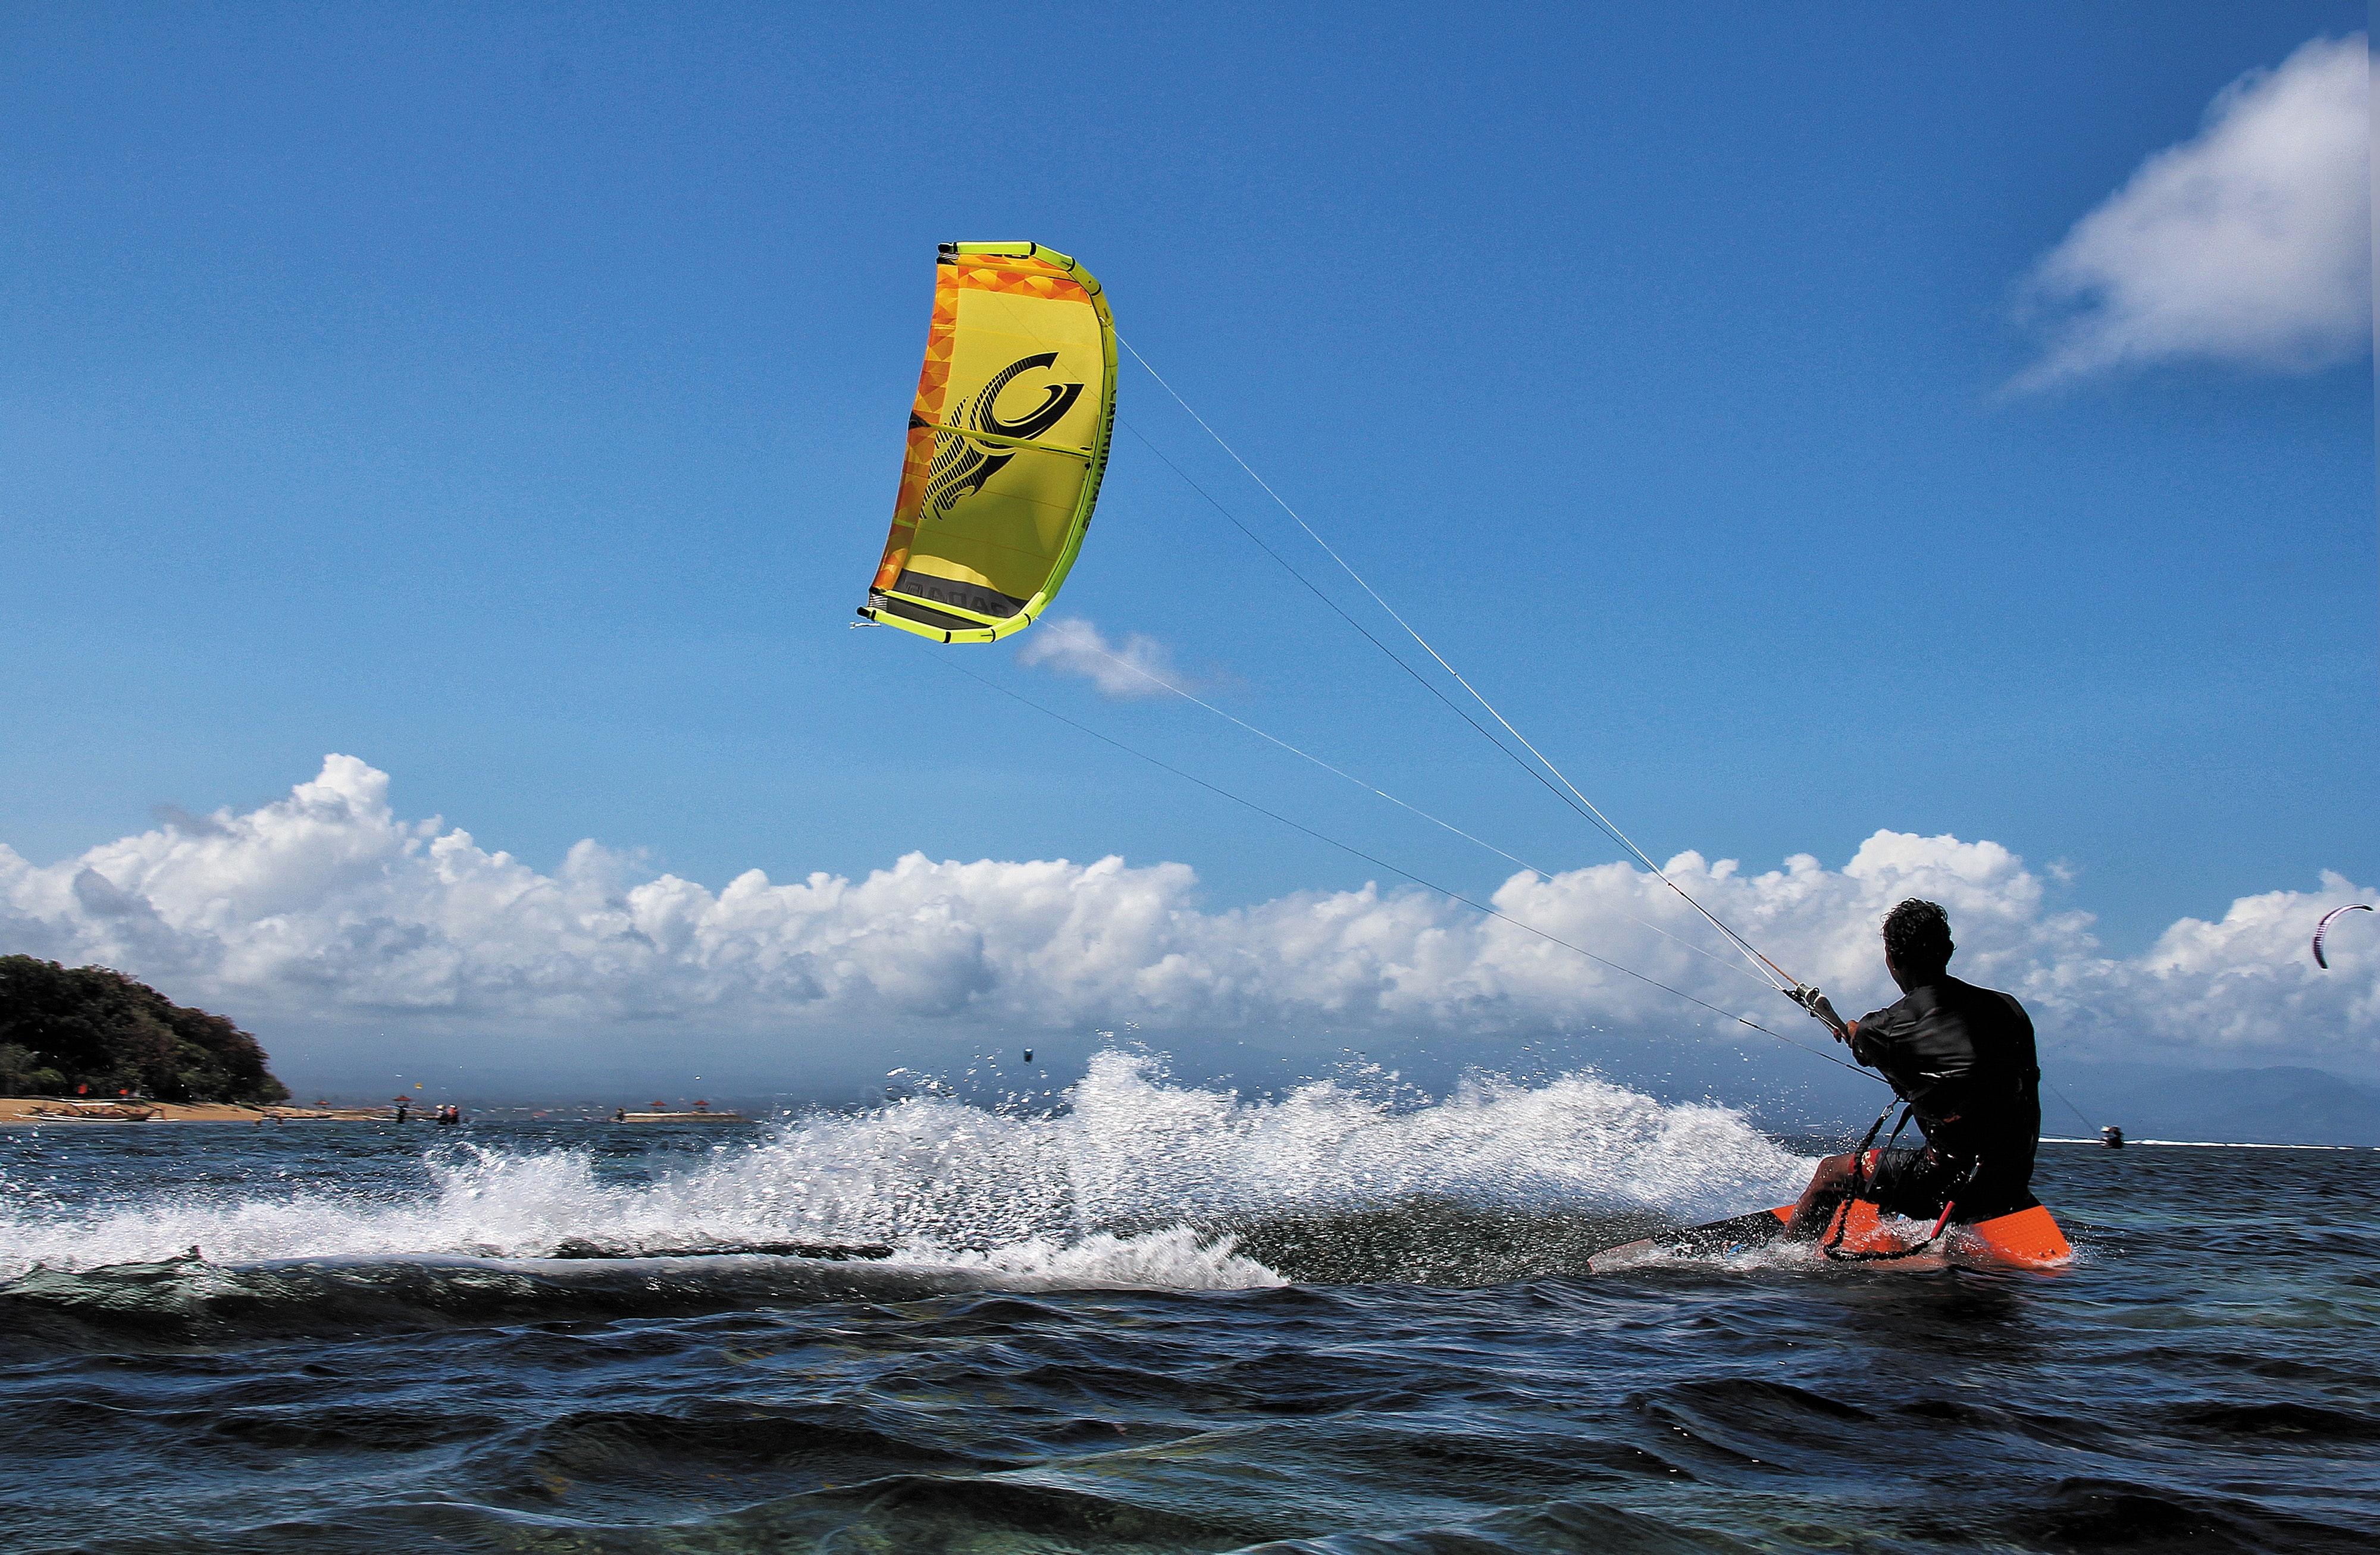 Man surfing on the Beach, Surfboard, Surfer, Surf, Splash, HQ Photo